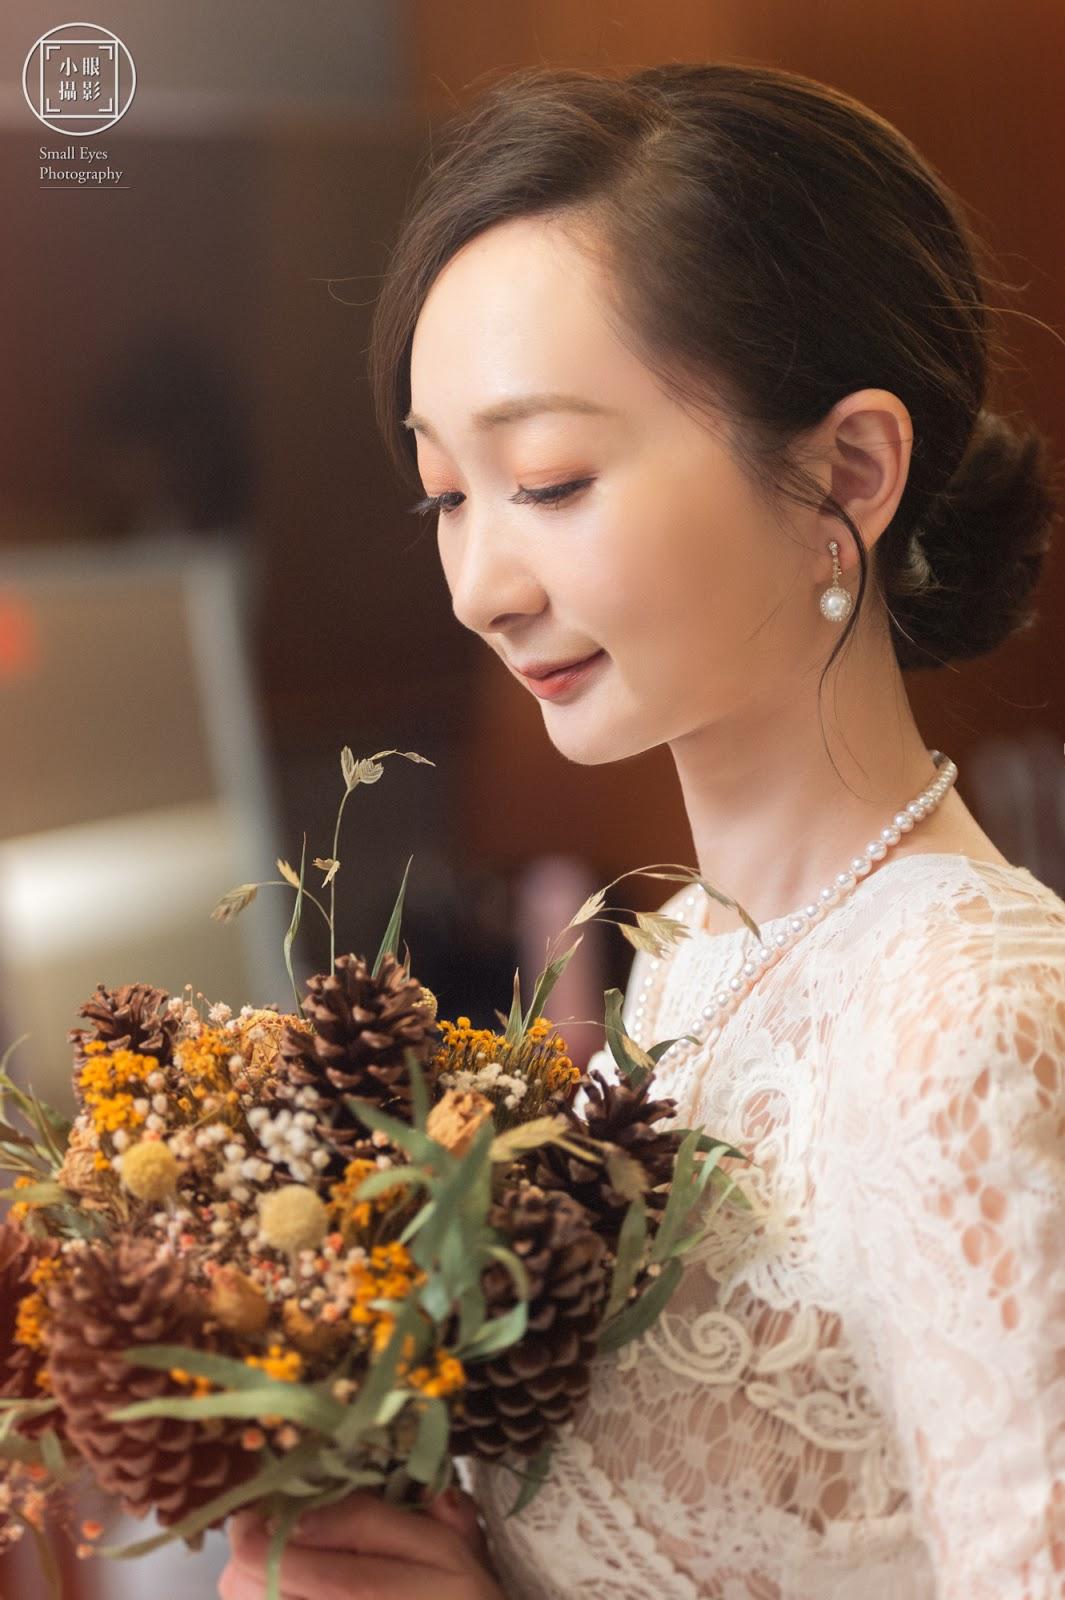 【婚禮攝影】婚攝小眼 - 尚霖&壹婷 - 婚禮紀錄 @真的好海鮮餐廳